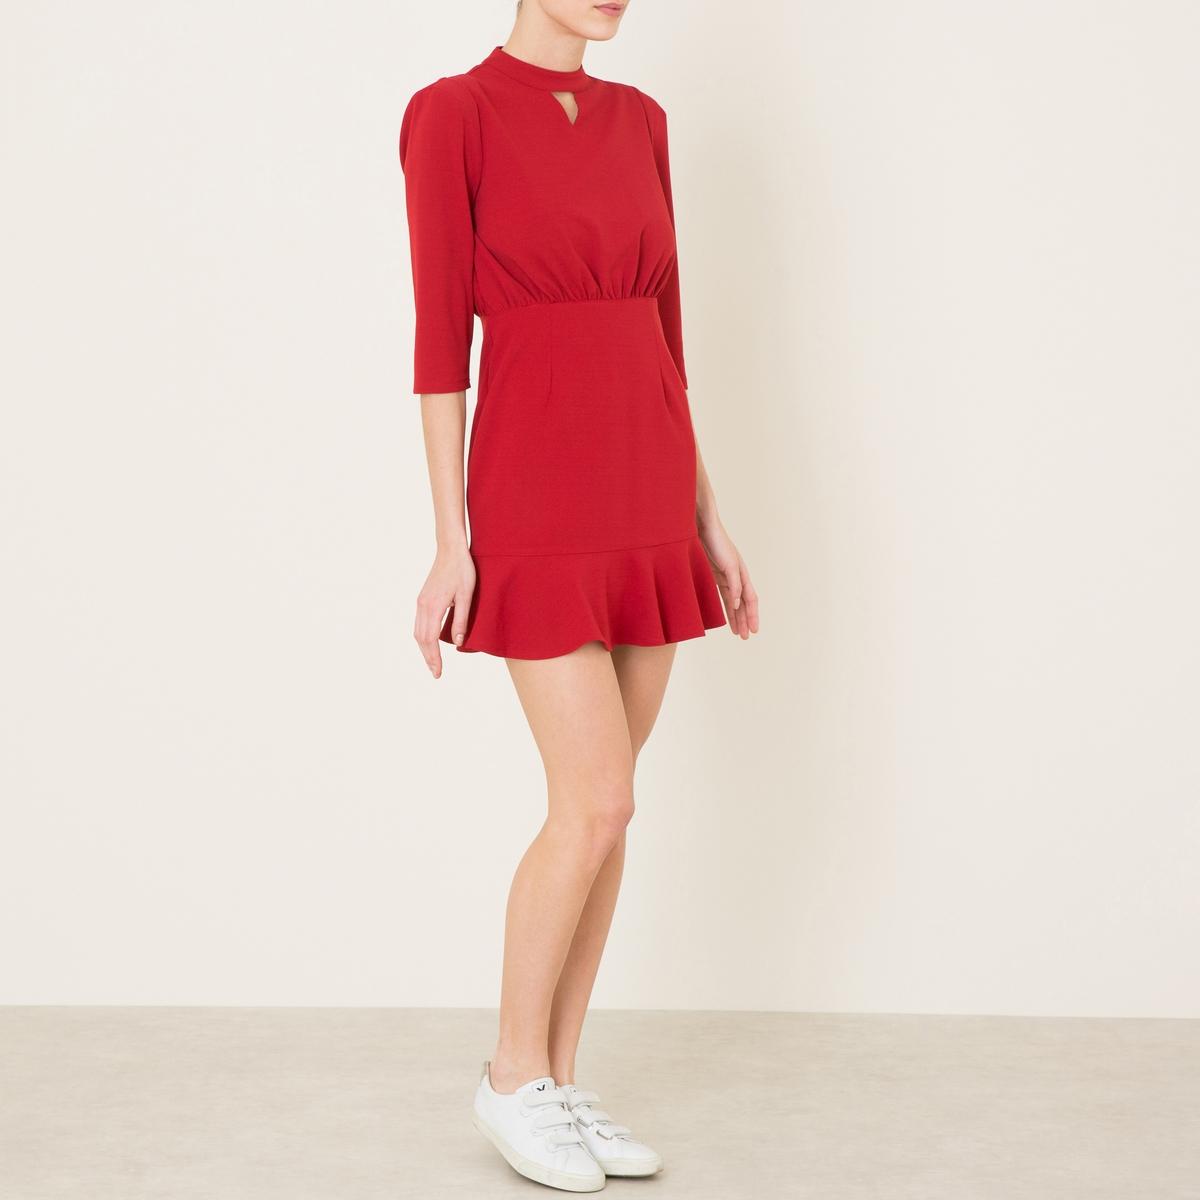 Платье со складкамиСостав и описание    Материал : 95% полиэстера, 5% эластана   Подкладка 100% полиэстер   Длина : ок.85 см. для размера 36   Марка : SISTER JANE<br><br>Цвет: красный